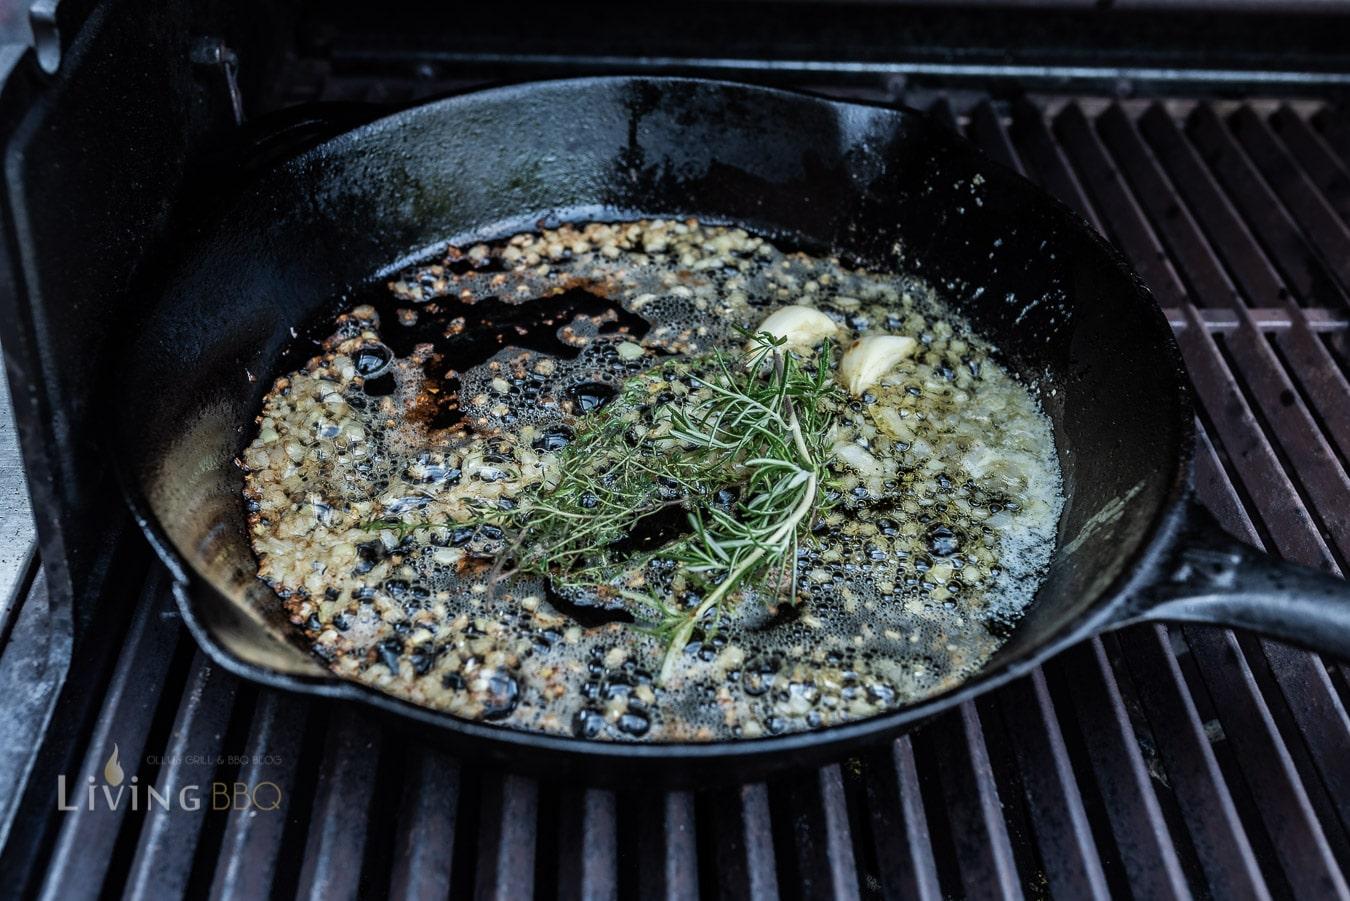 Butter und Kräuter in der Pfanne erhitzen